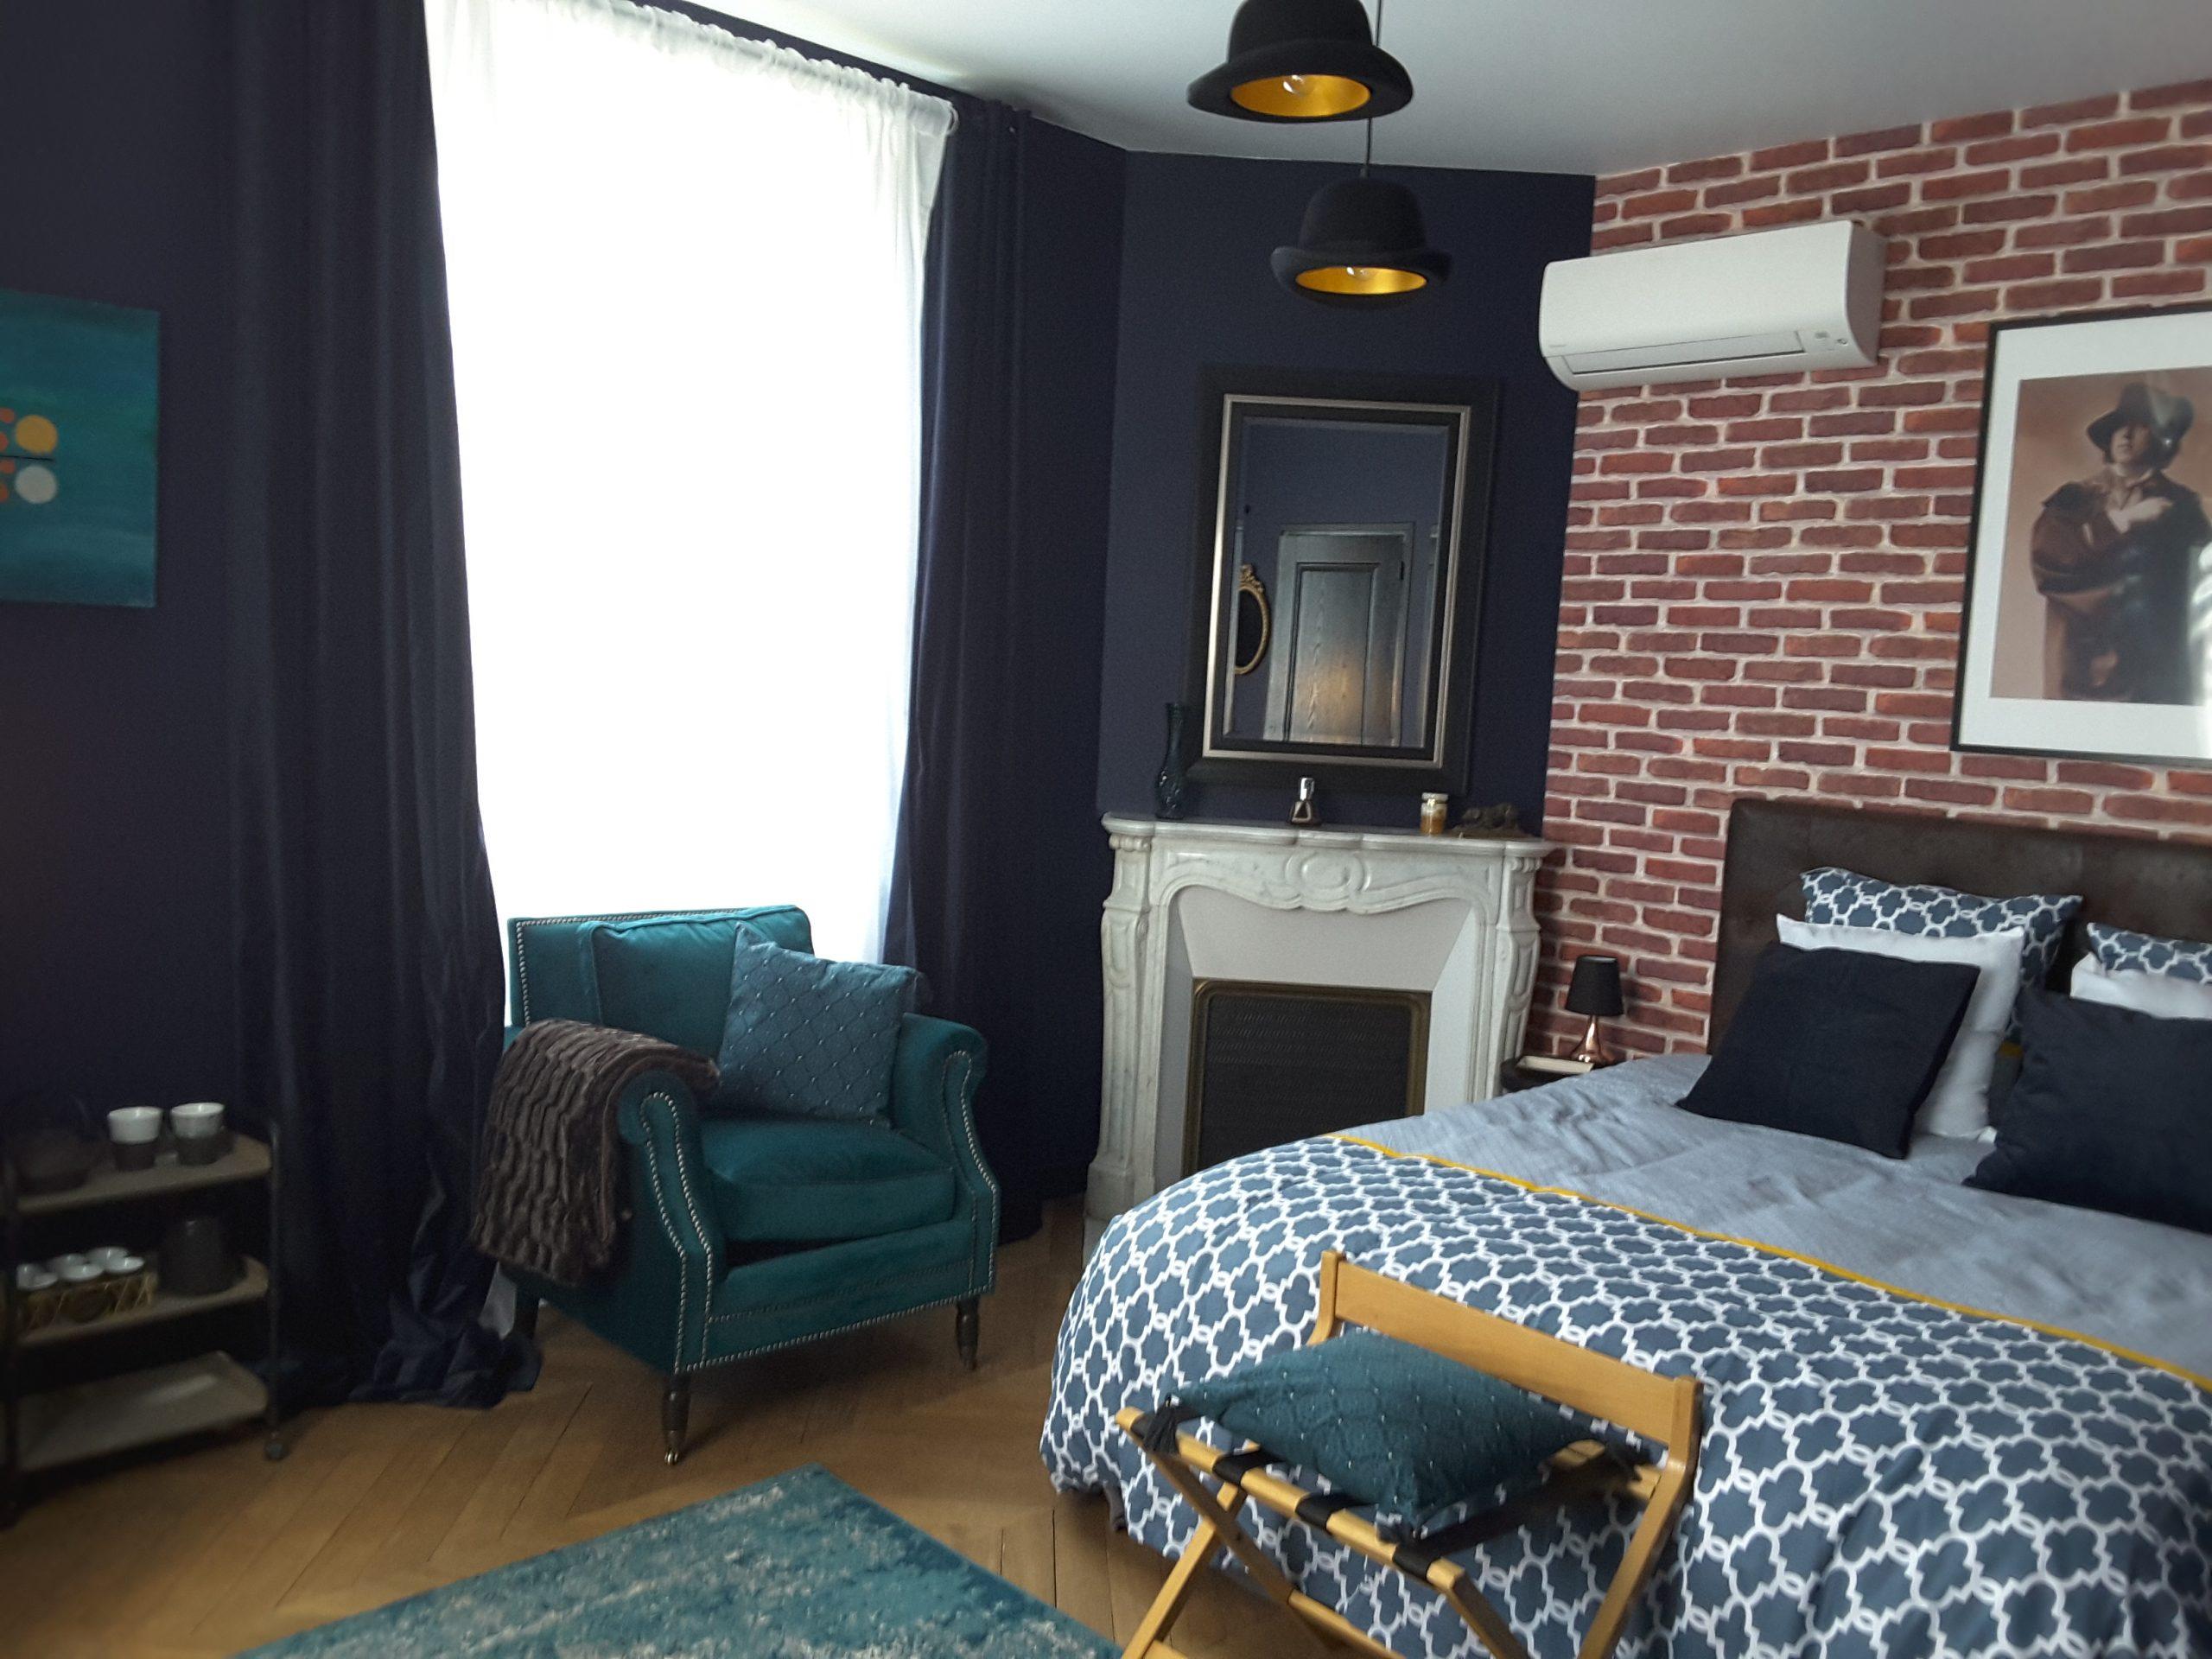 Maison L'Aparté, une chambre d'hôtes unique autour de l'art et du théâtre